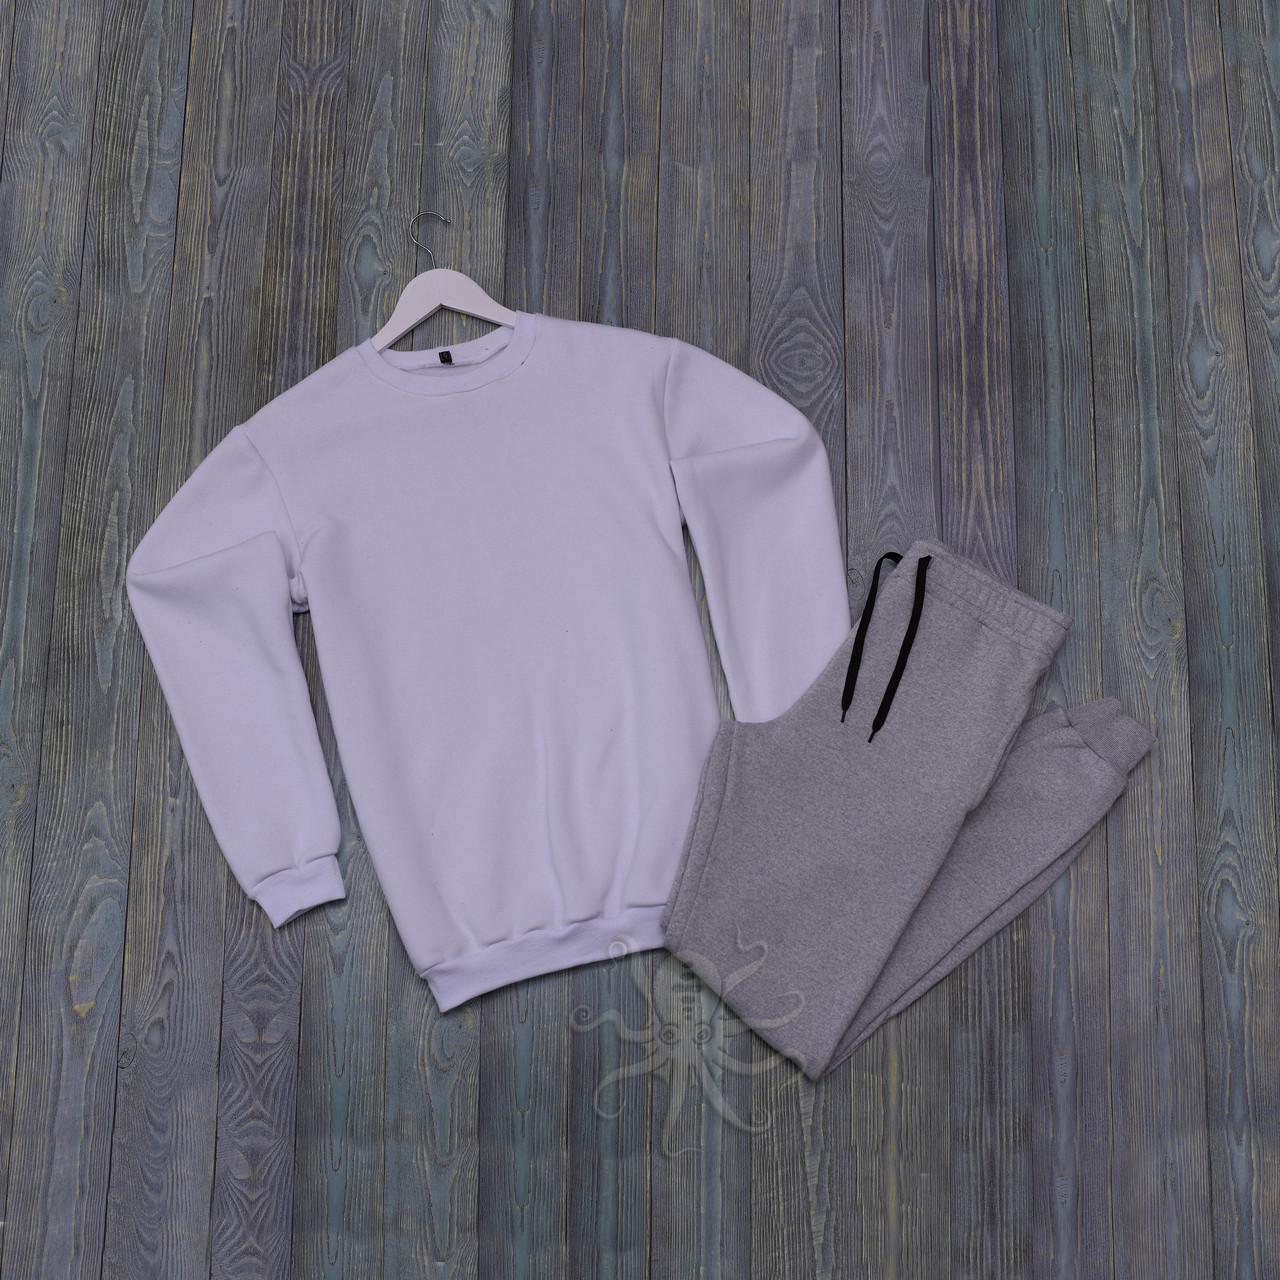 Спортивний костюм реглан белая кофта и серые штаны